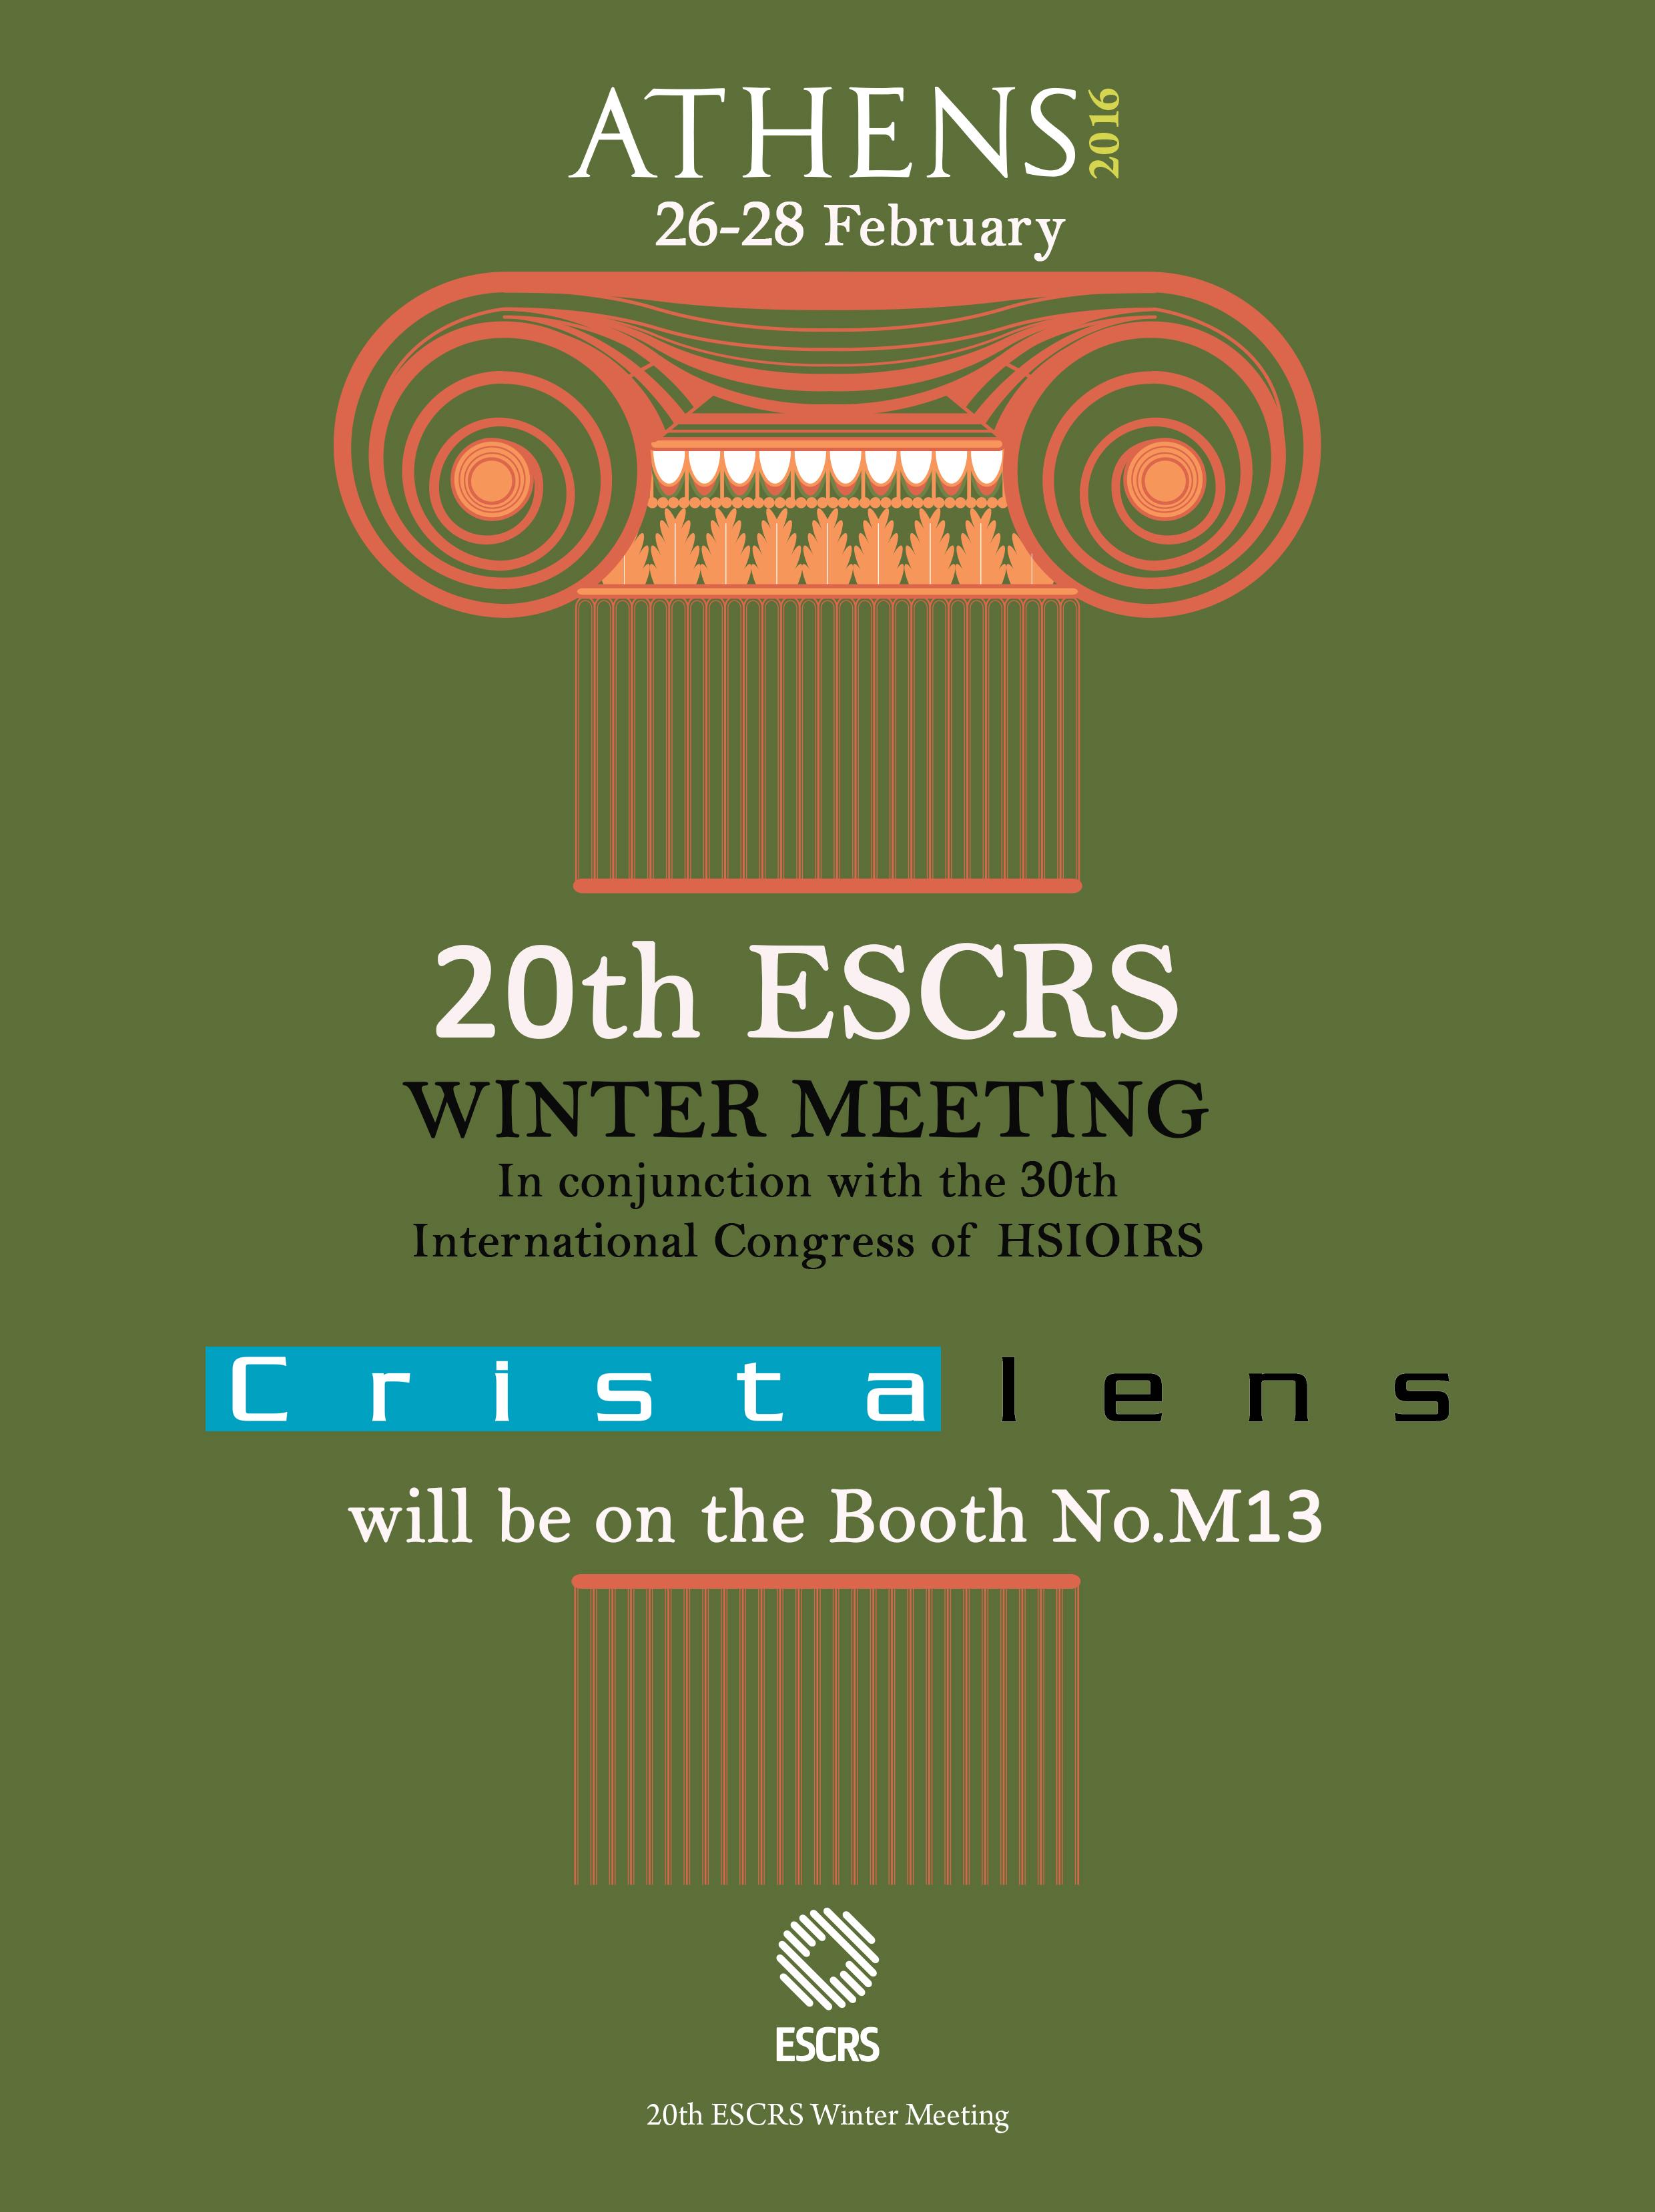 Mailing ESCRS winter 2016 v4